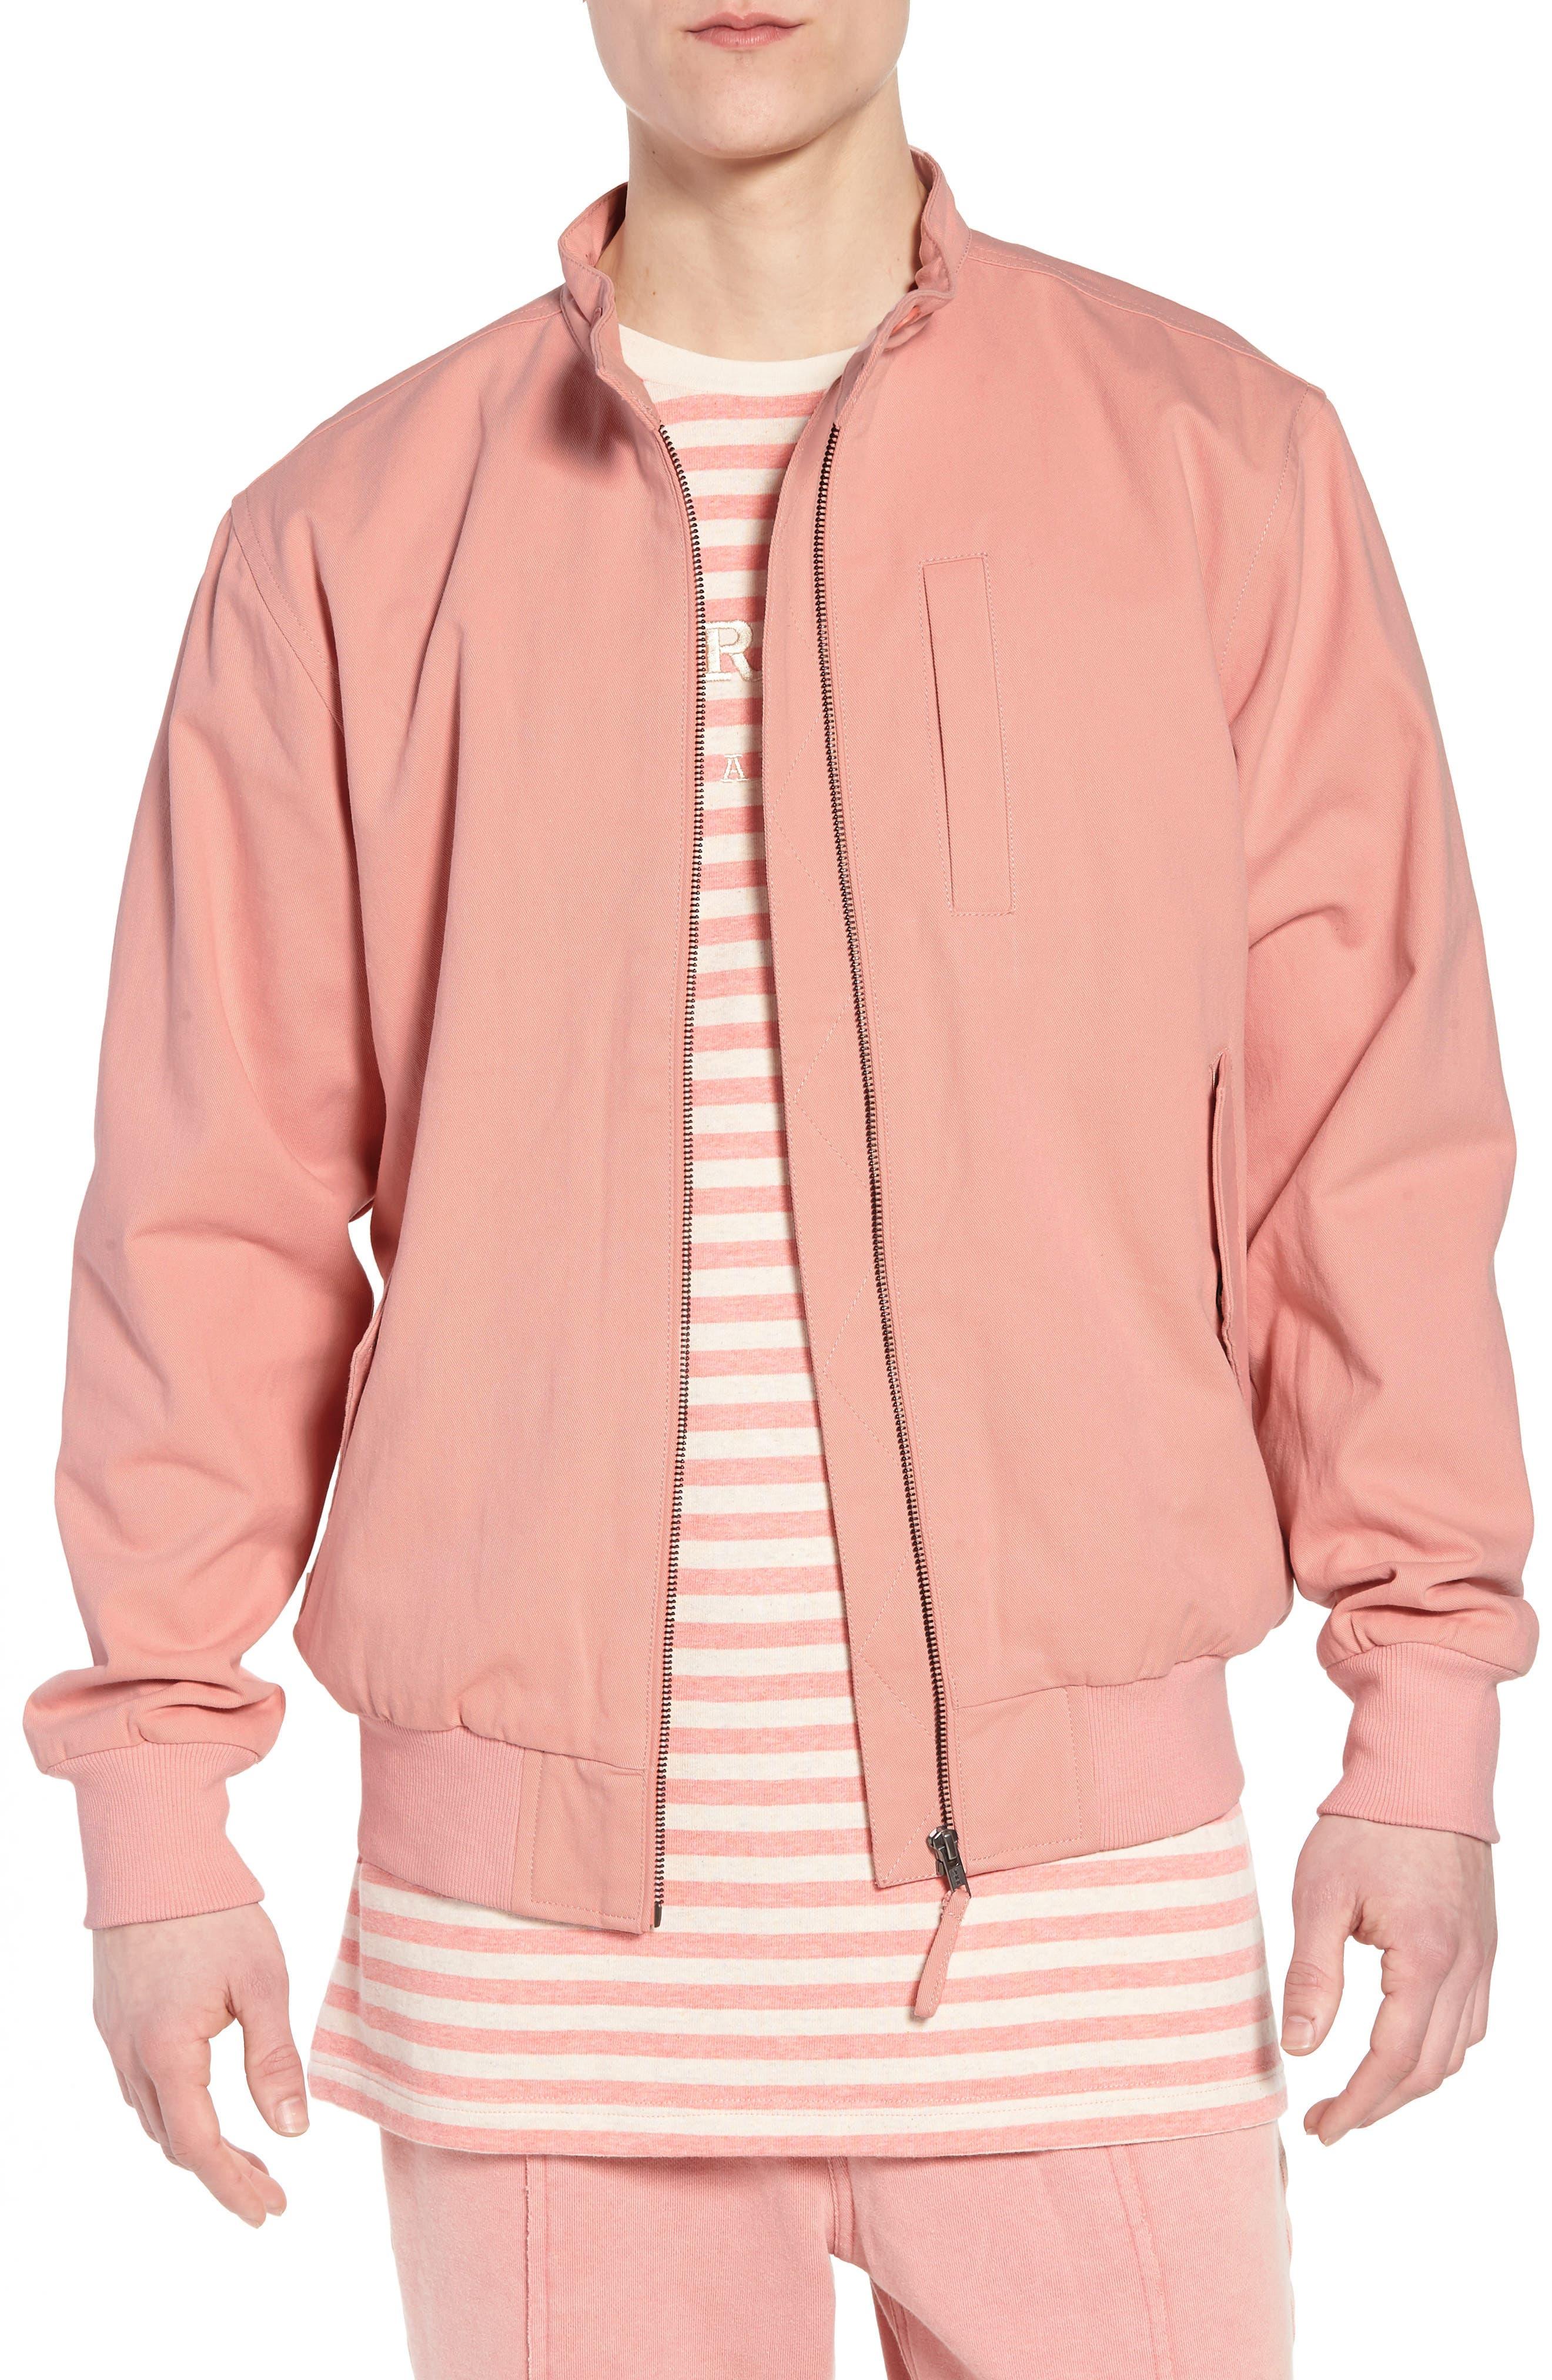 Dotson Twill Bomber Jacket,                             Main thumbnail 1, color,                             Pink